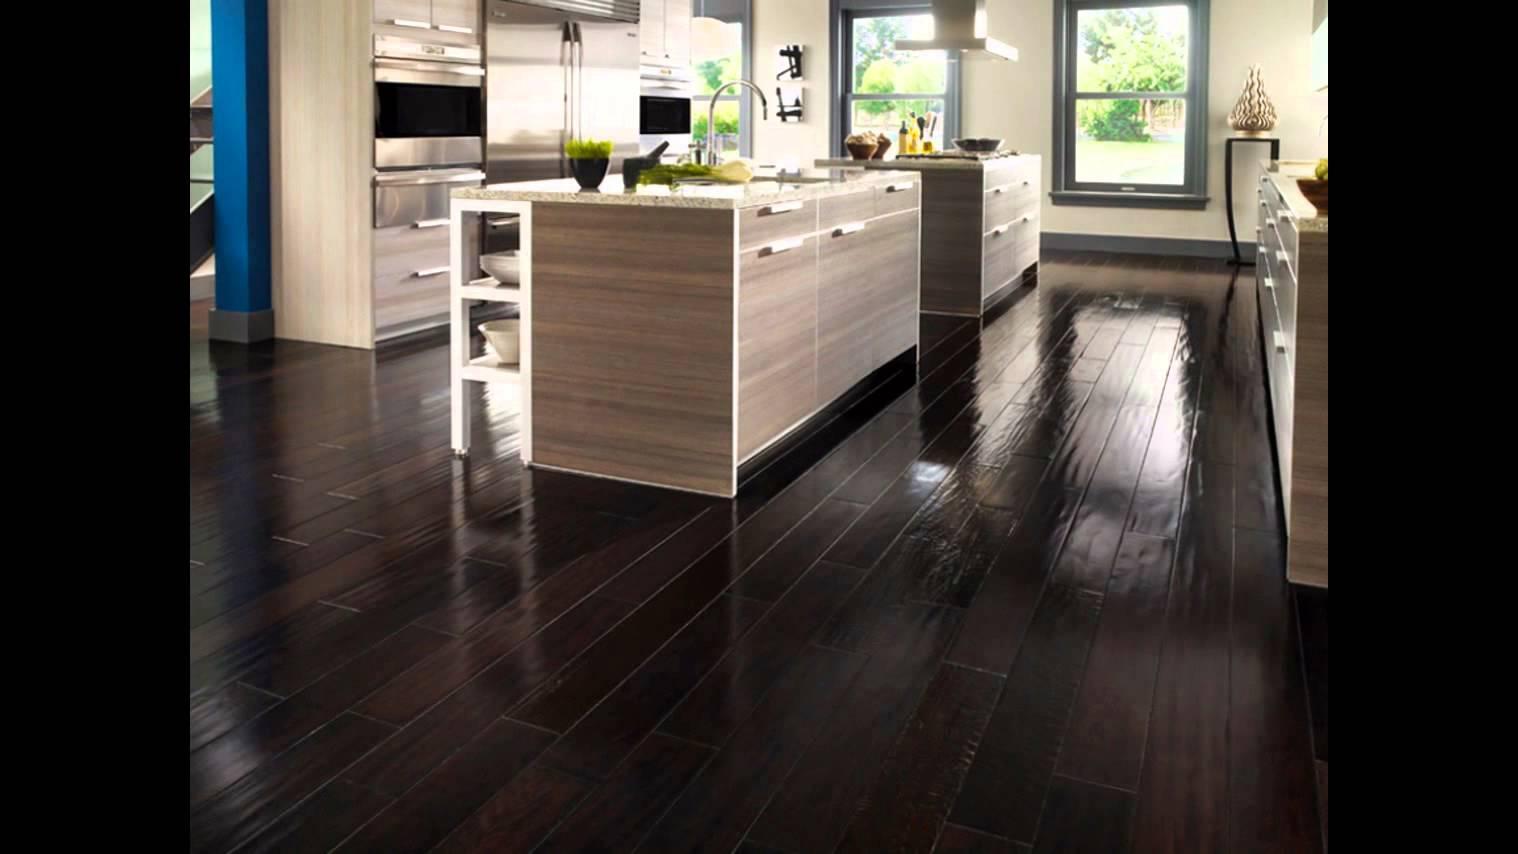 dark hardwood floors | dark hardwood floors and dark kitchen cabinets IYLXODF